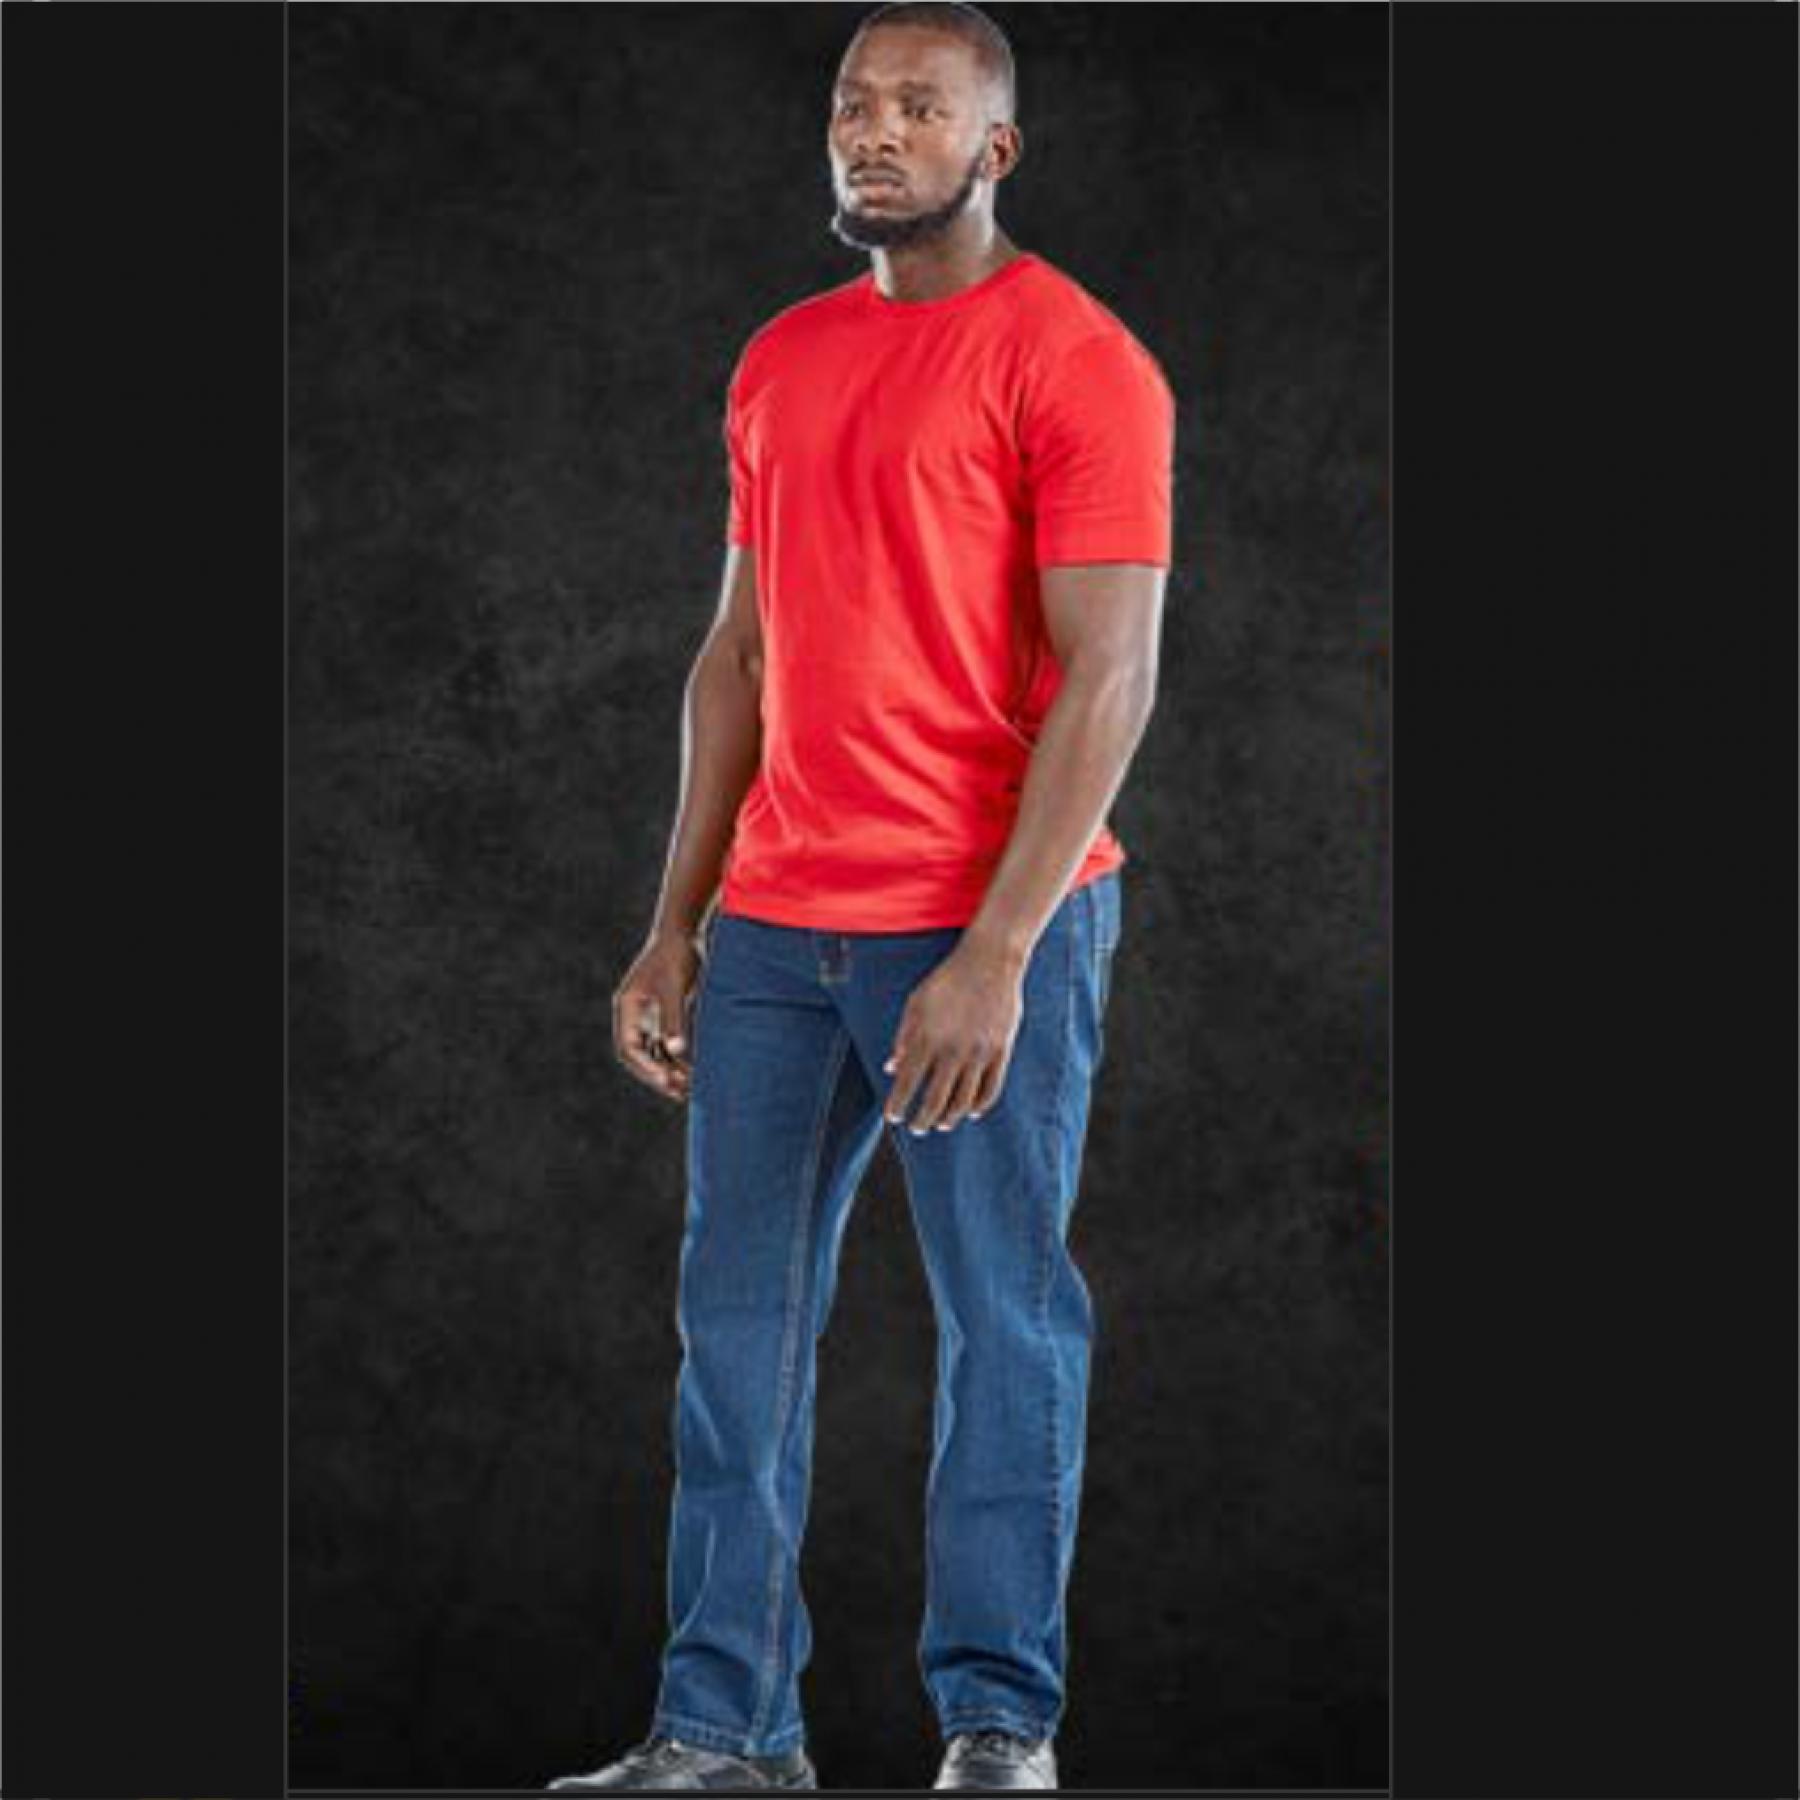 """Dromex Colours """"xx"""" 100% Cotton Crew Neck Tee Shirt, Sizes 3xl"""